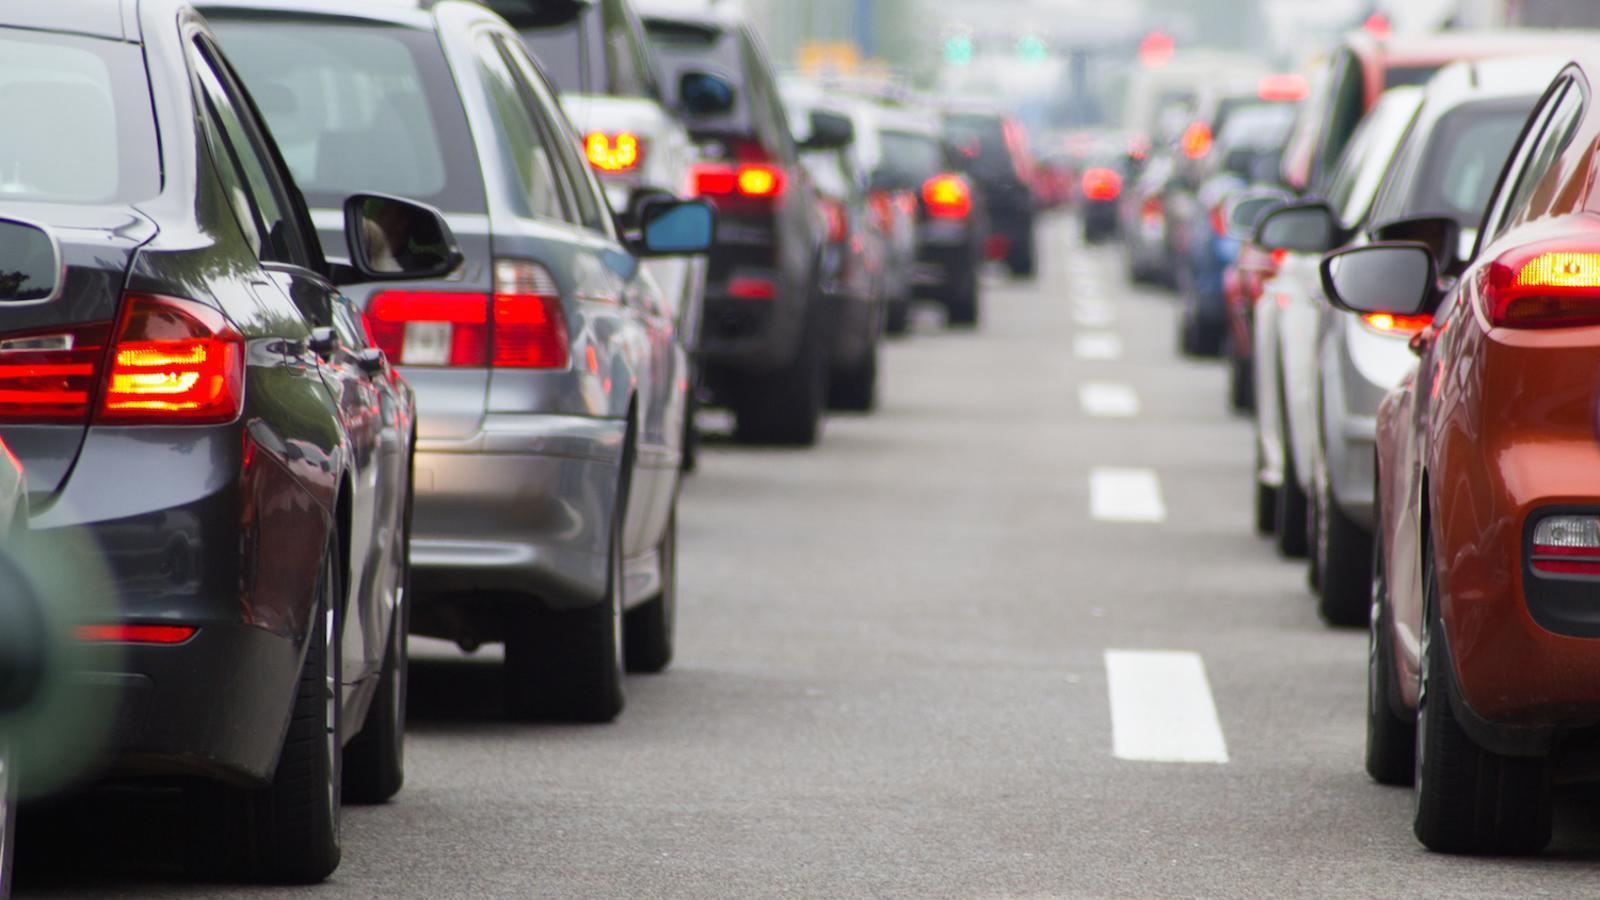 L'impost del  CO2 als cotxes entrarà en vigor l'1 de gener del 2020